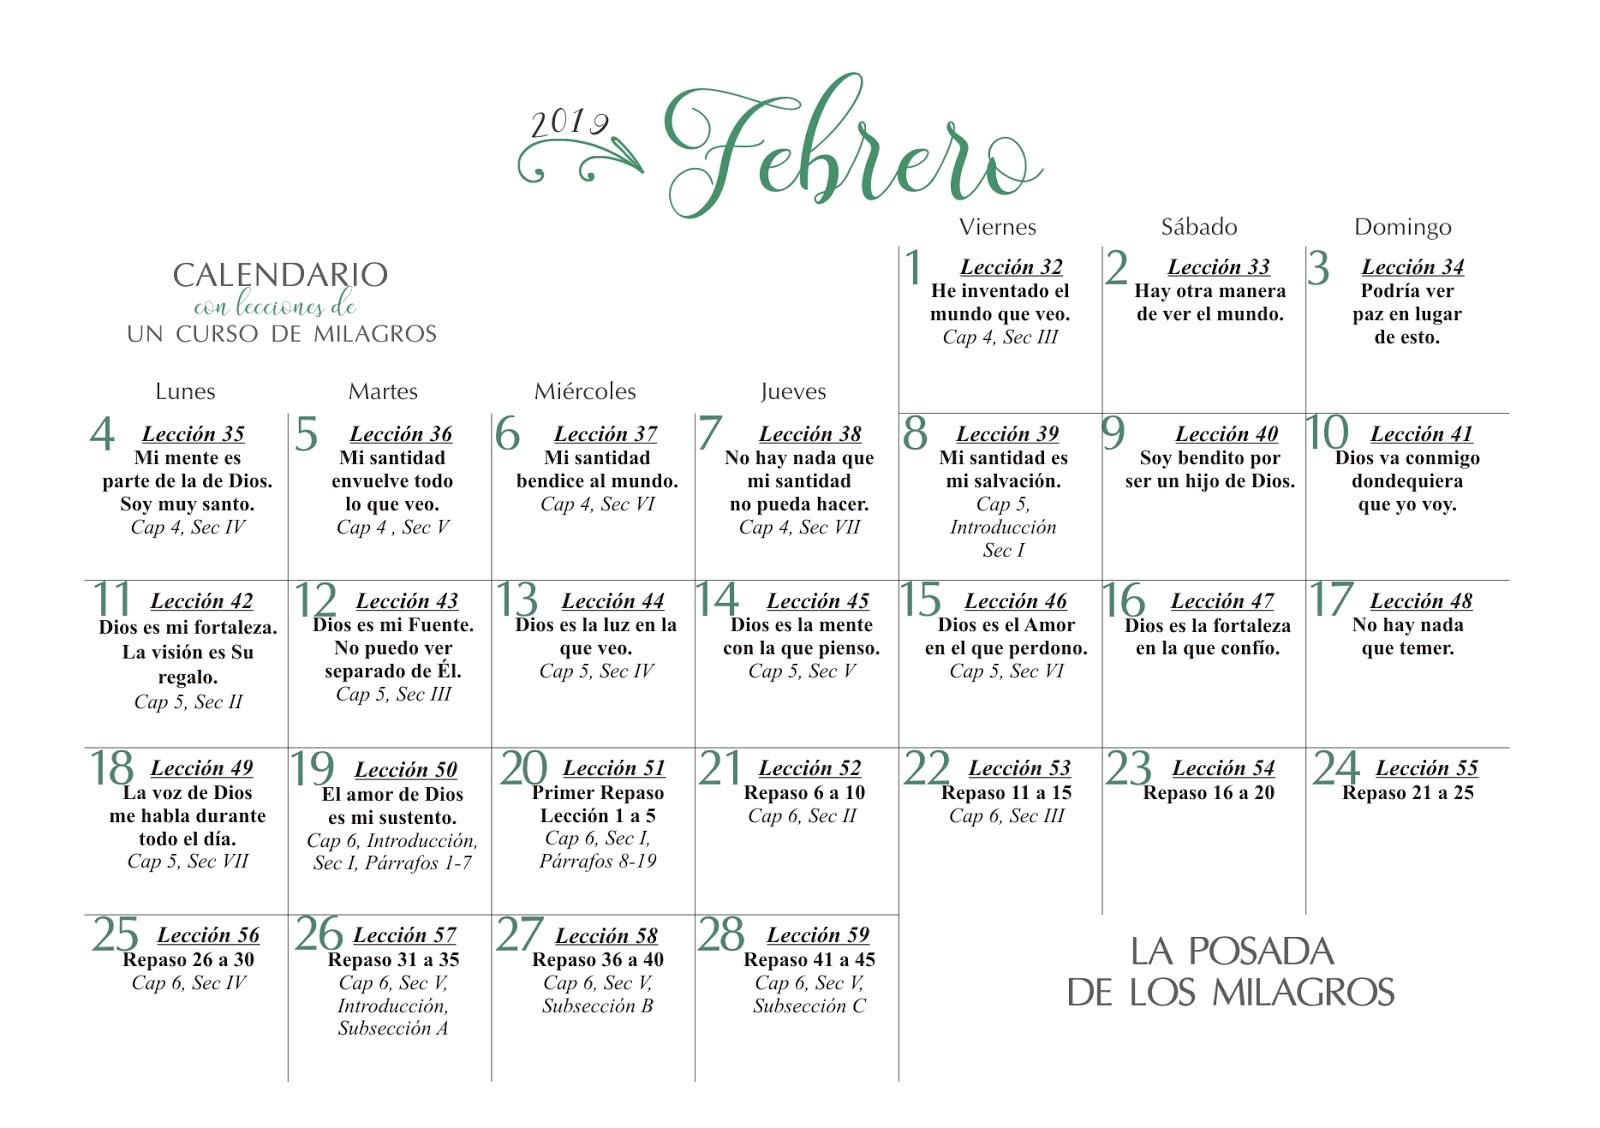 Febrero 2019 Calendario.Un Curso De Milagros 2019